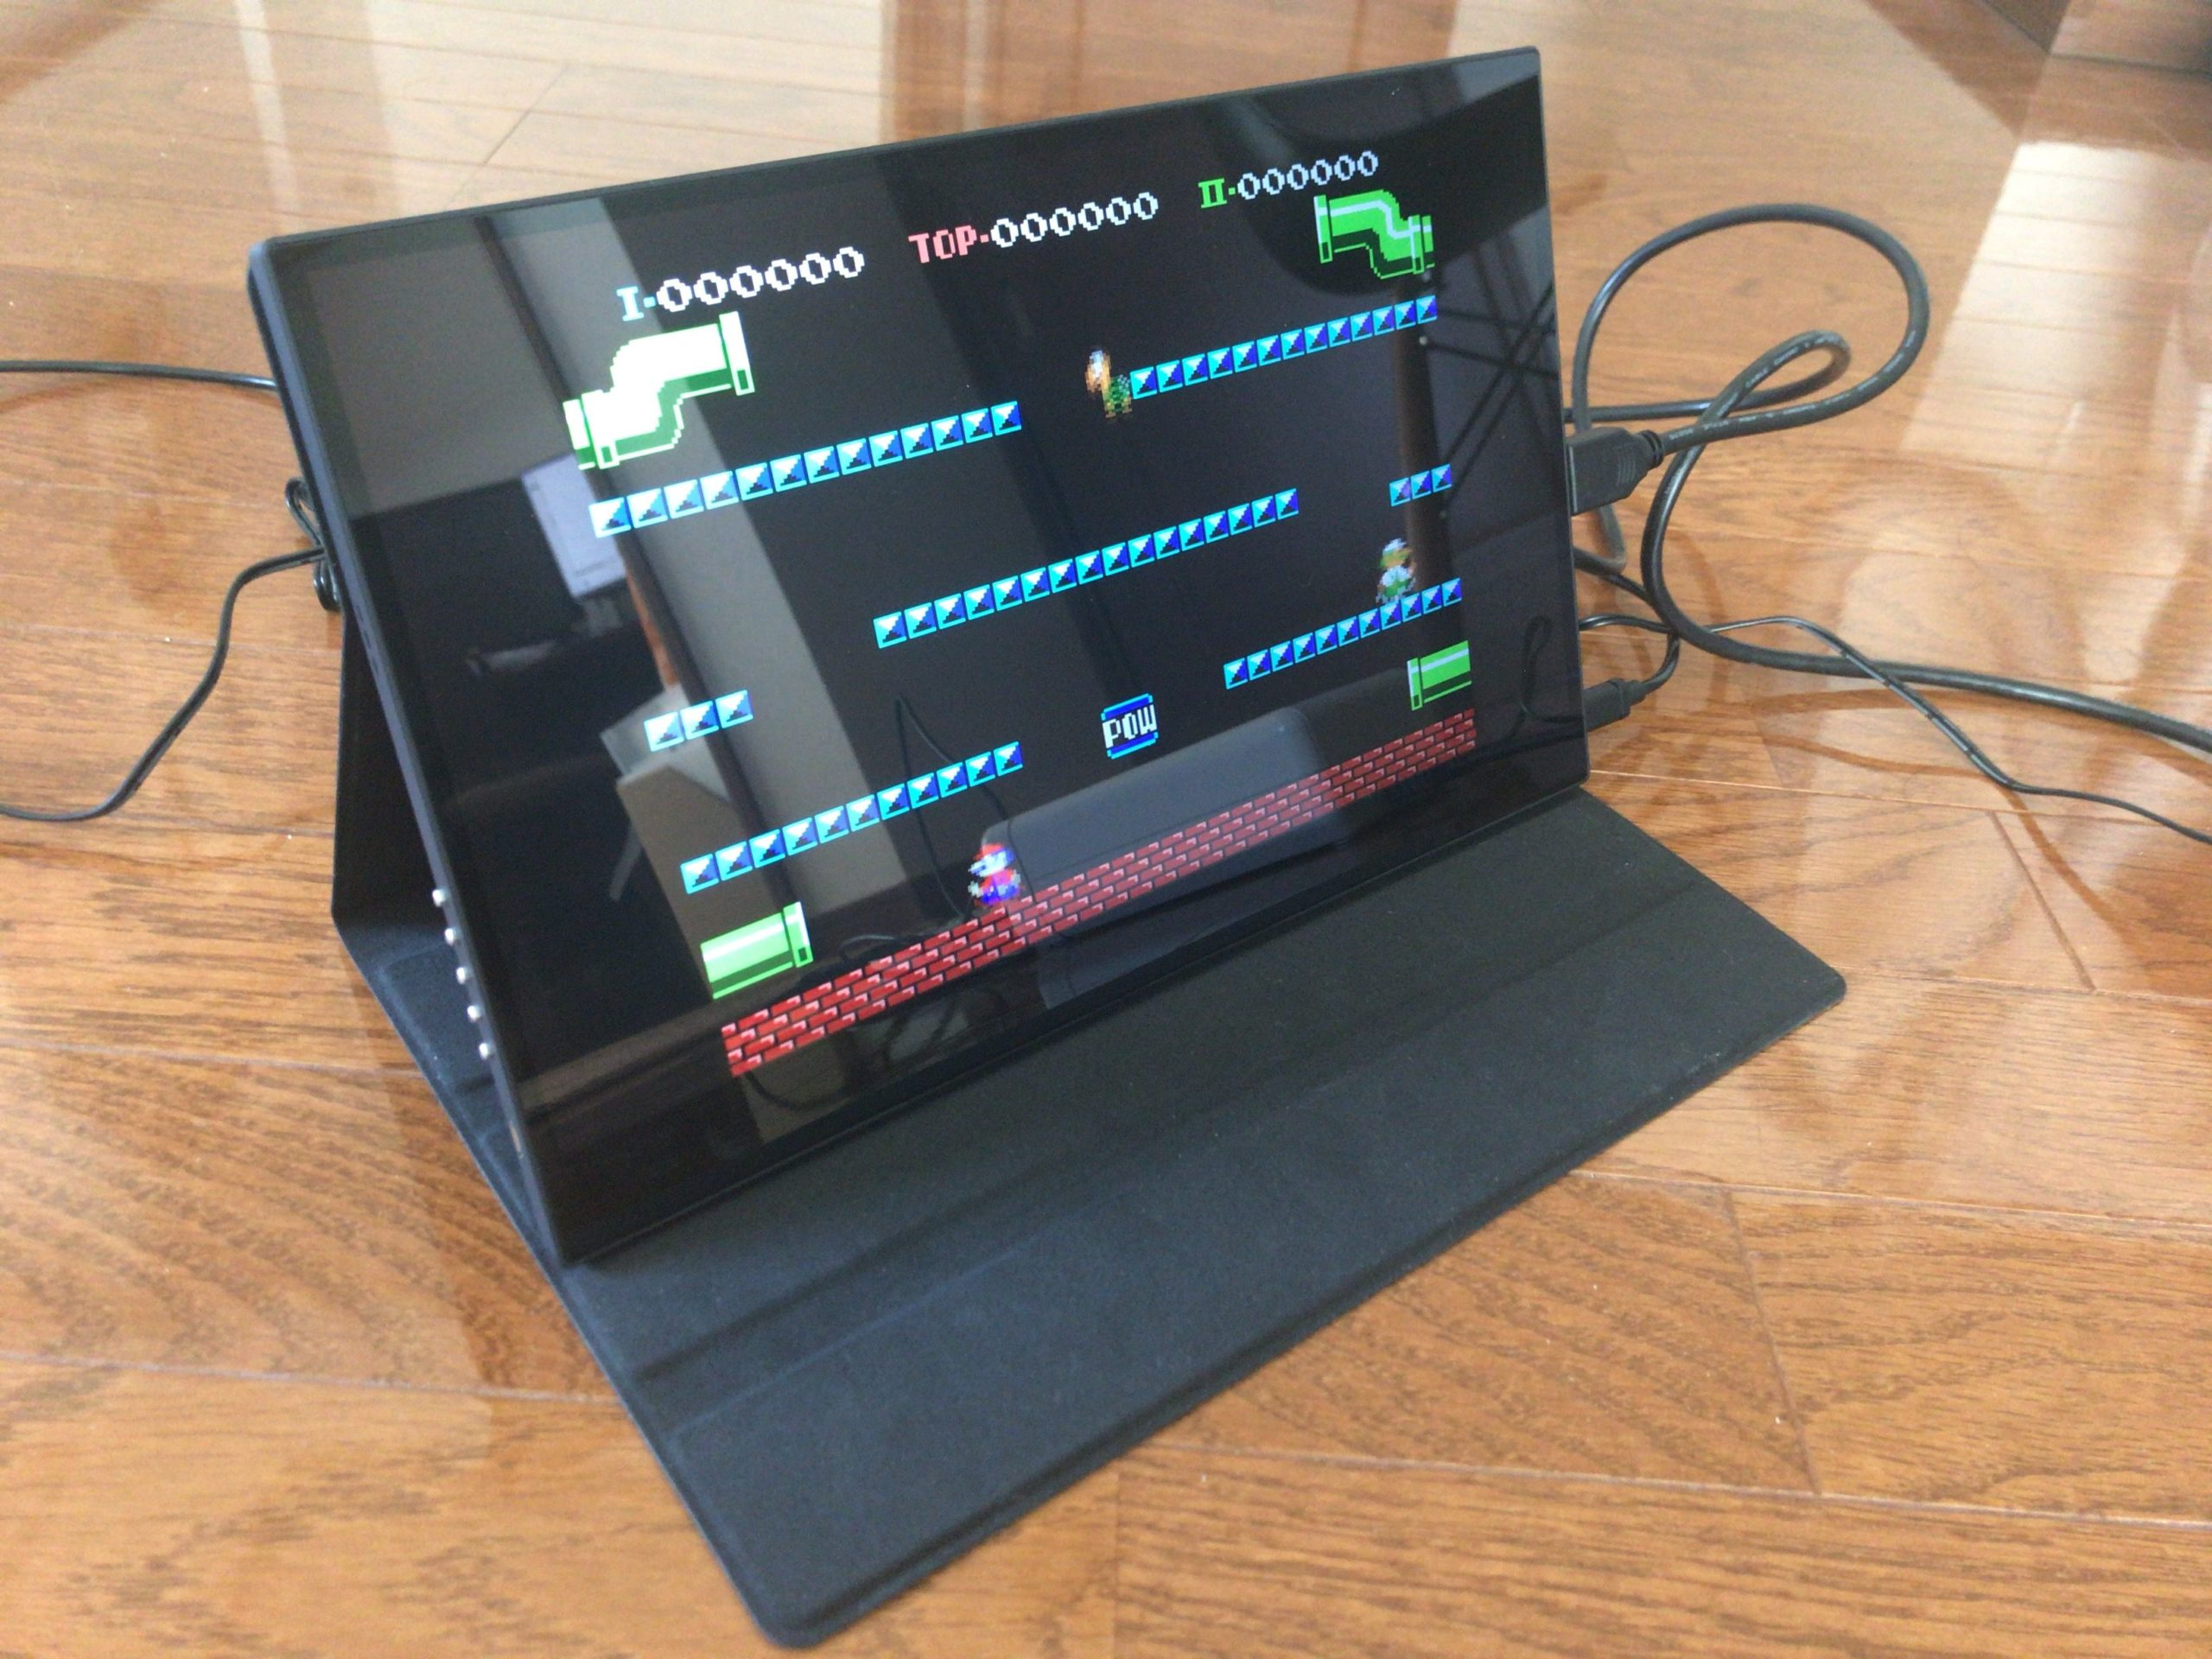 レトロフリークに接続しているモバイルモニター